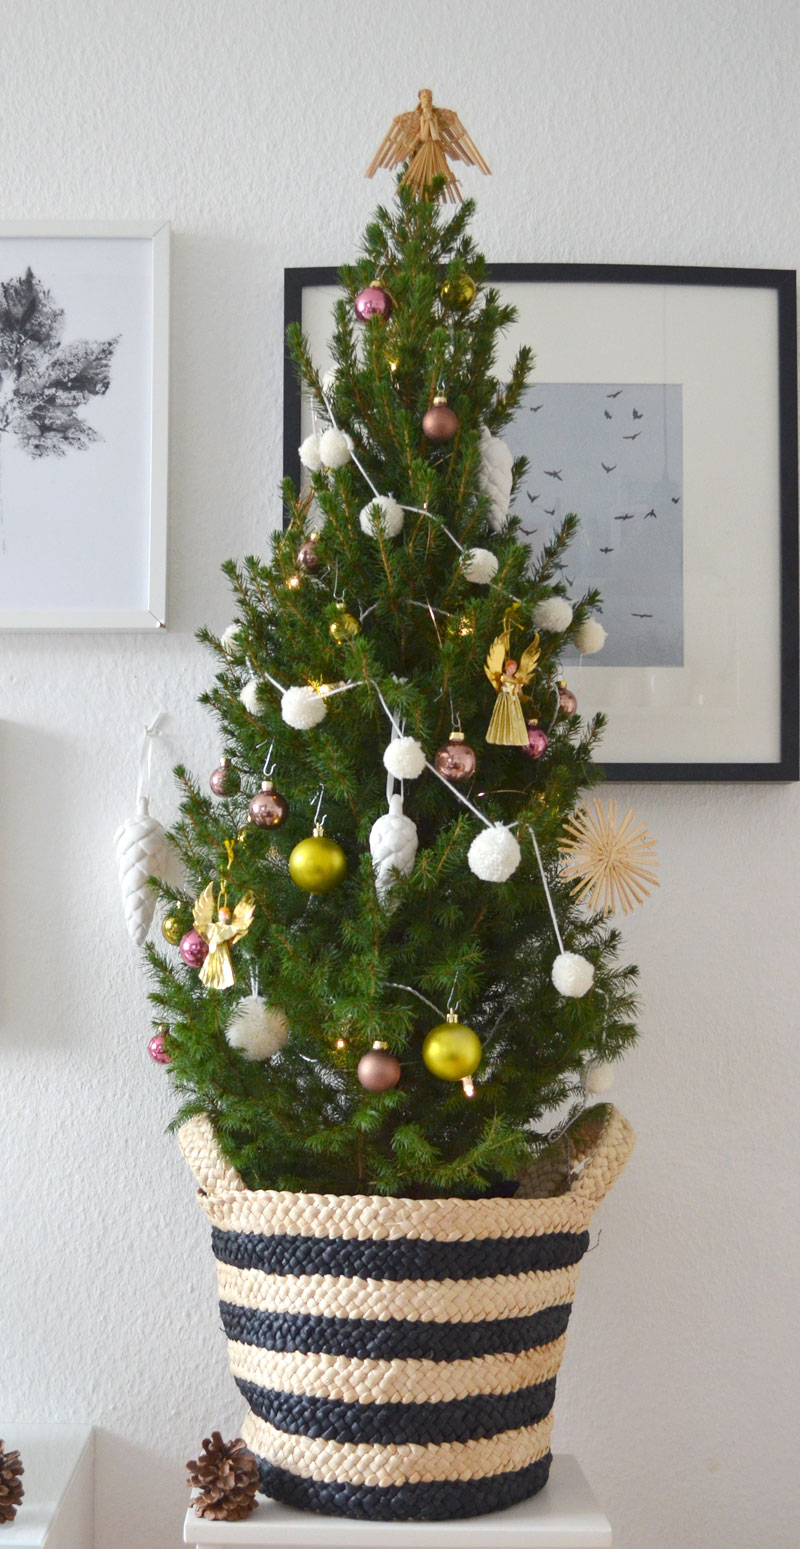 weihnachtsbaum schmuck pompom girlande. Black Bedroom Furniture Sets. Home Design Ideas